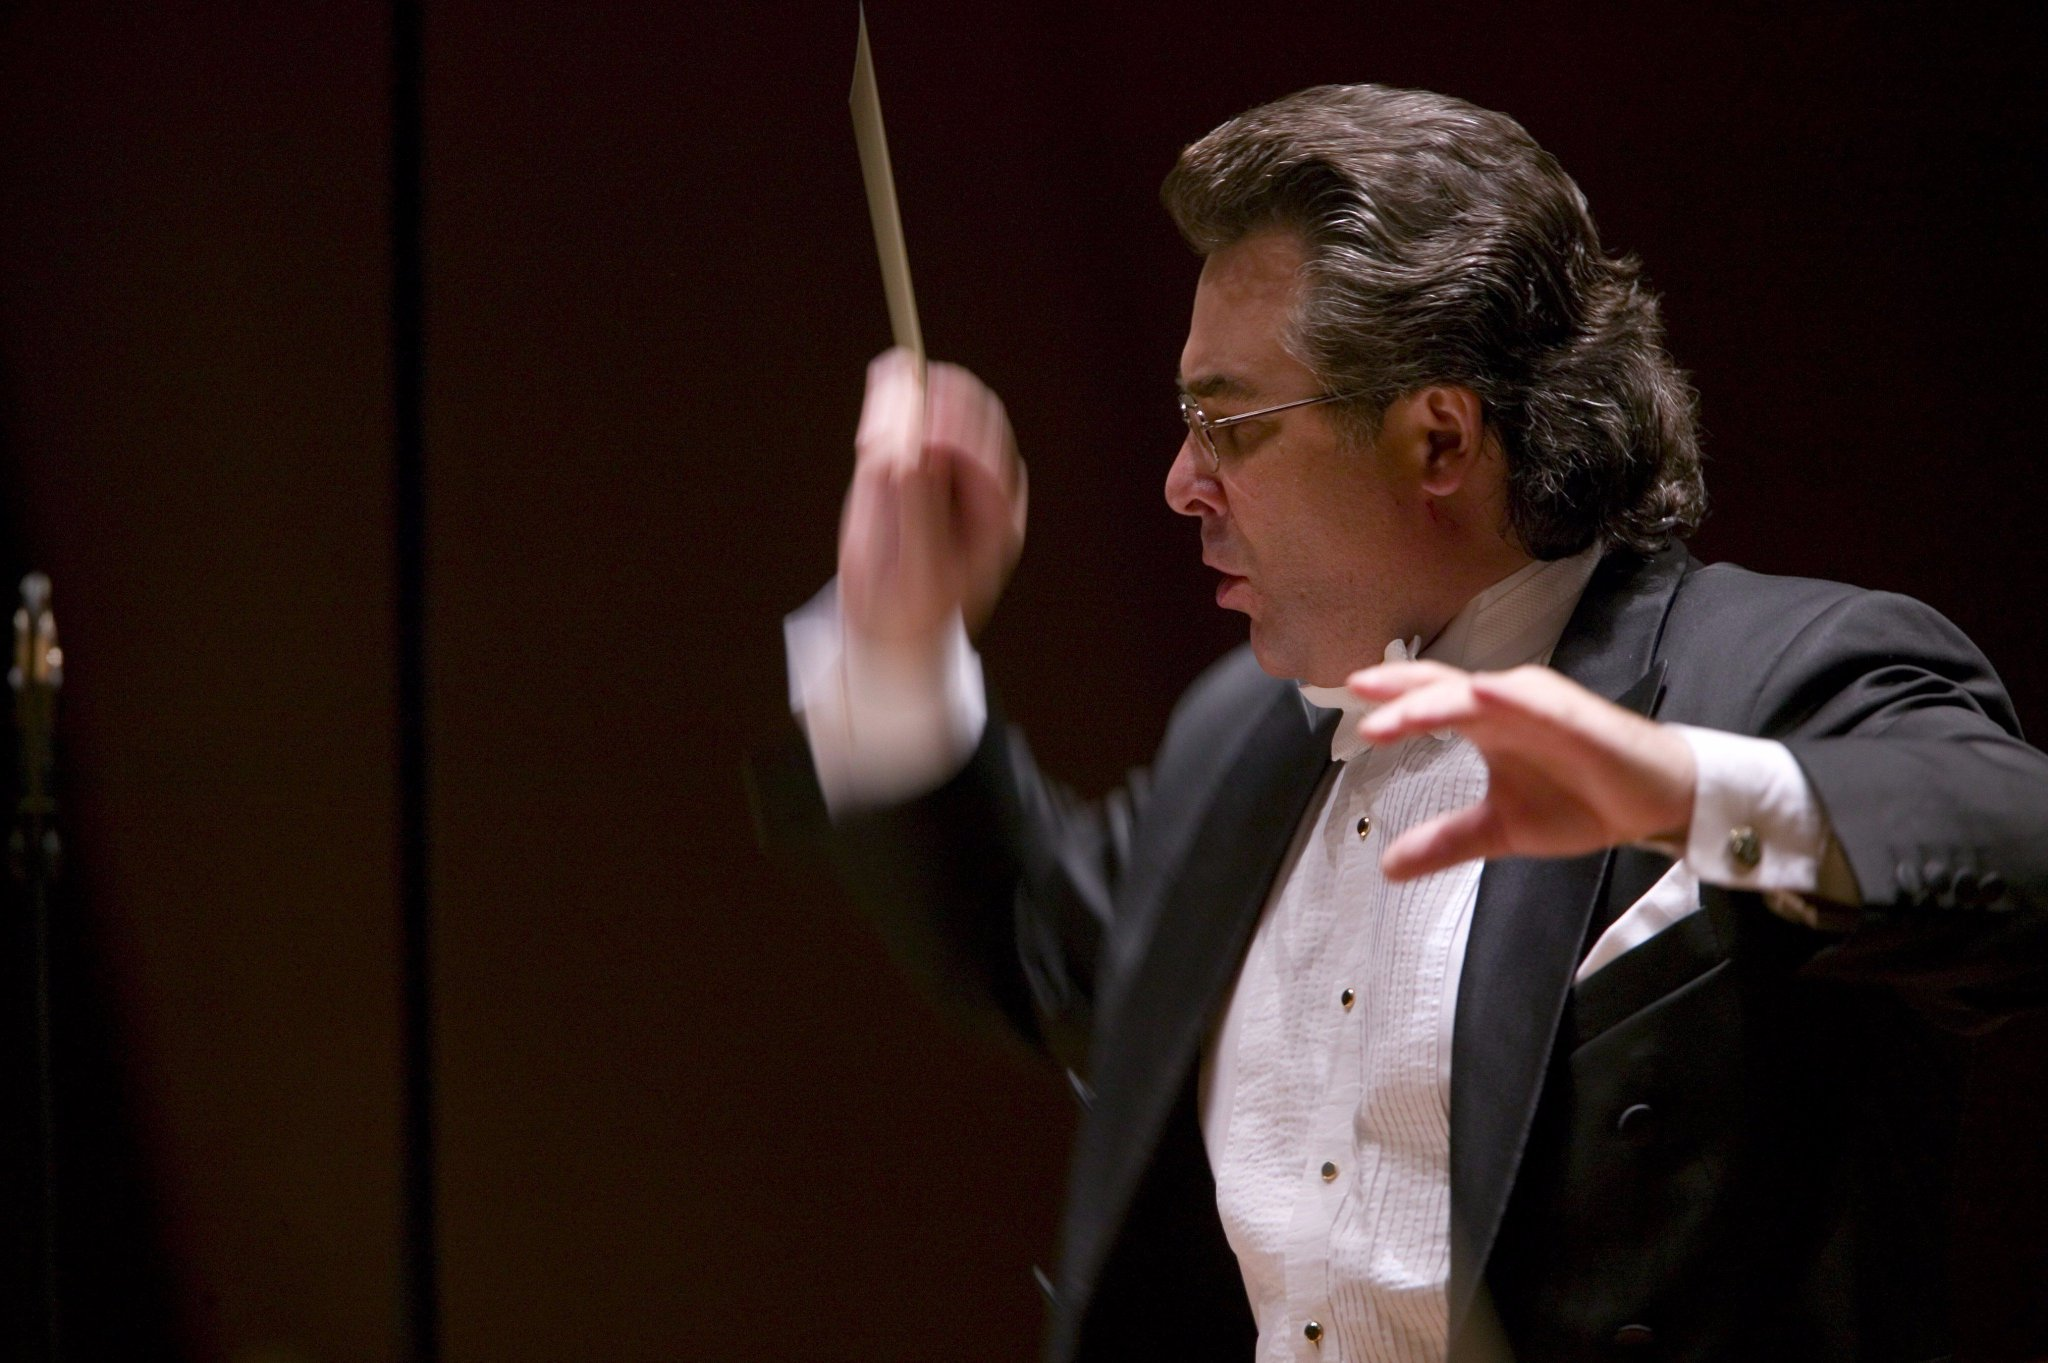 6 X  na Finał 55.BFM rozkołyszą się Dzwony Rachmaninowa!��‼️https://t.co/0L1Y9osQbY https://t.co/VNMFPDhoyw